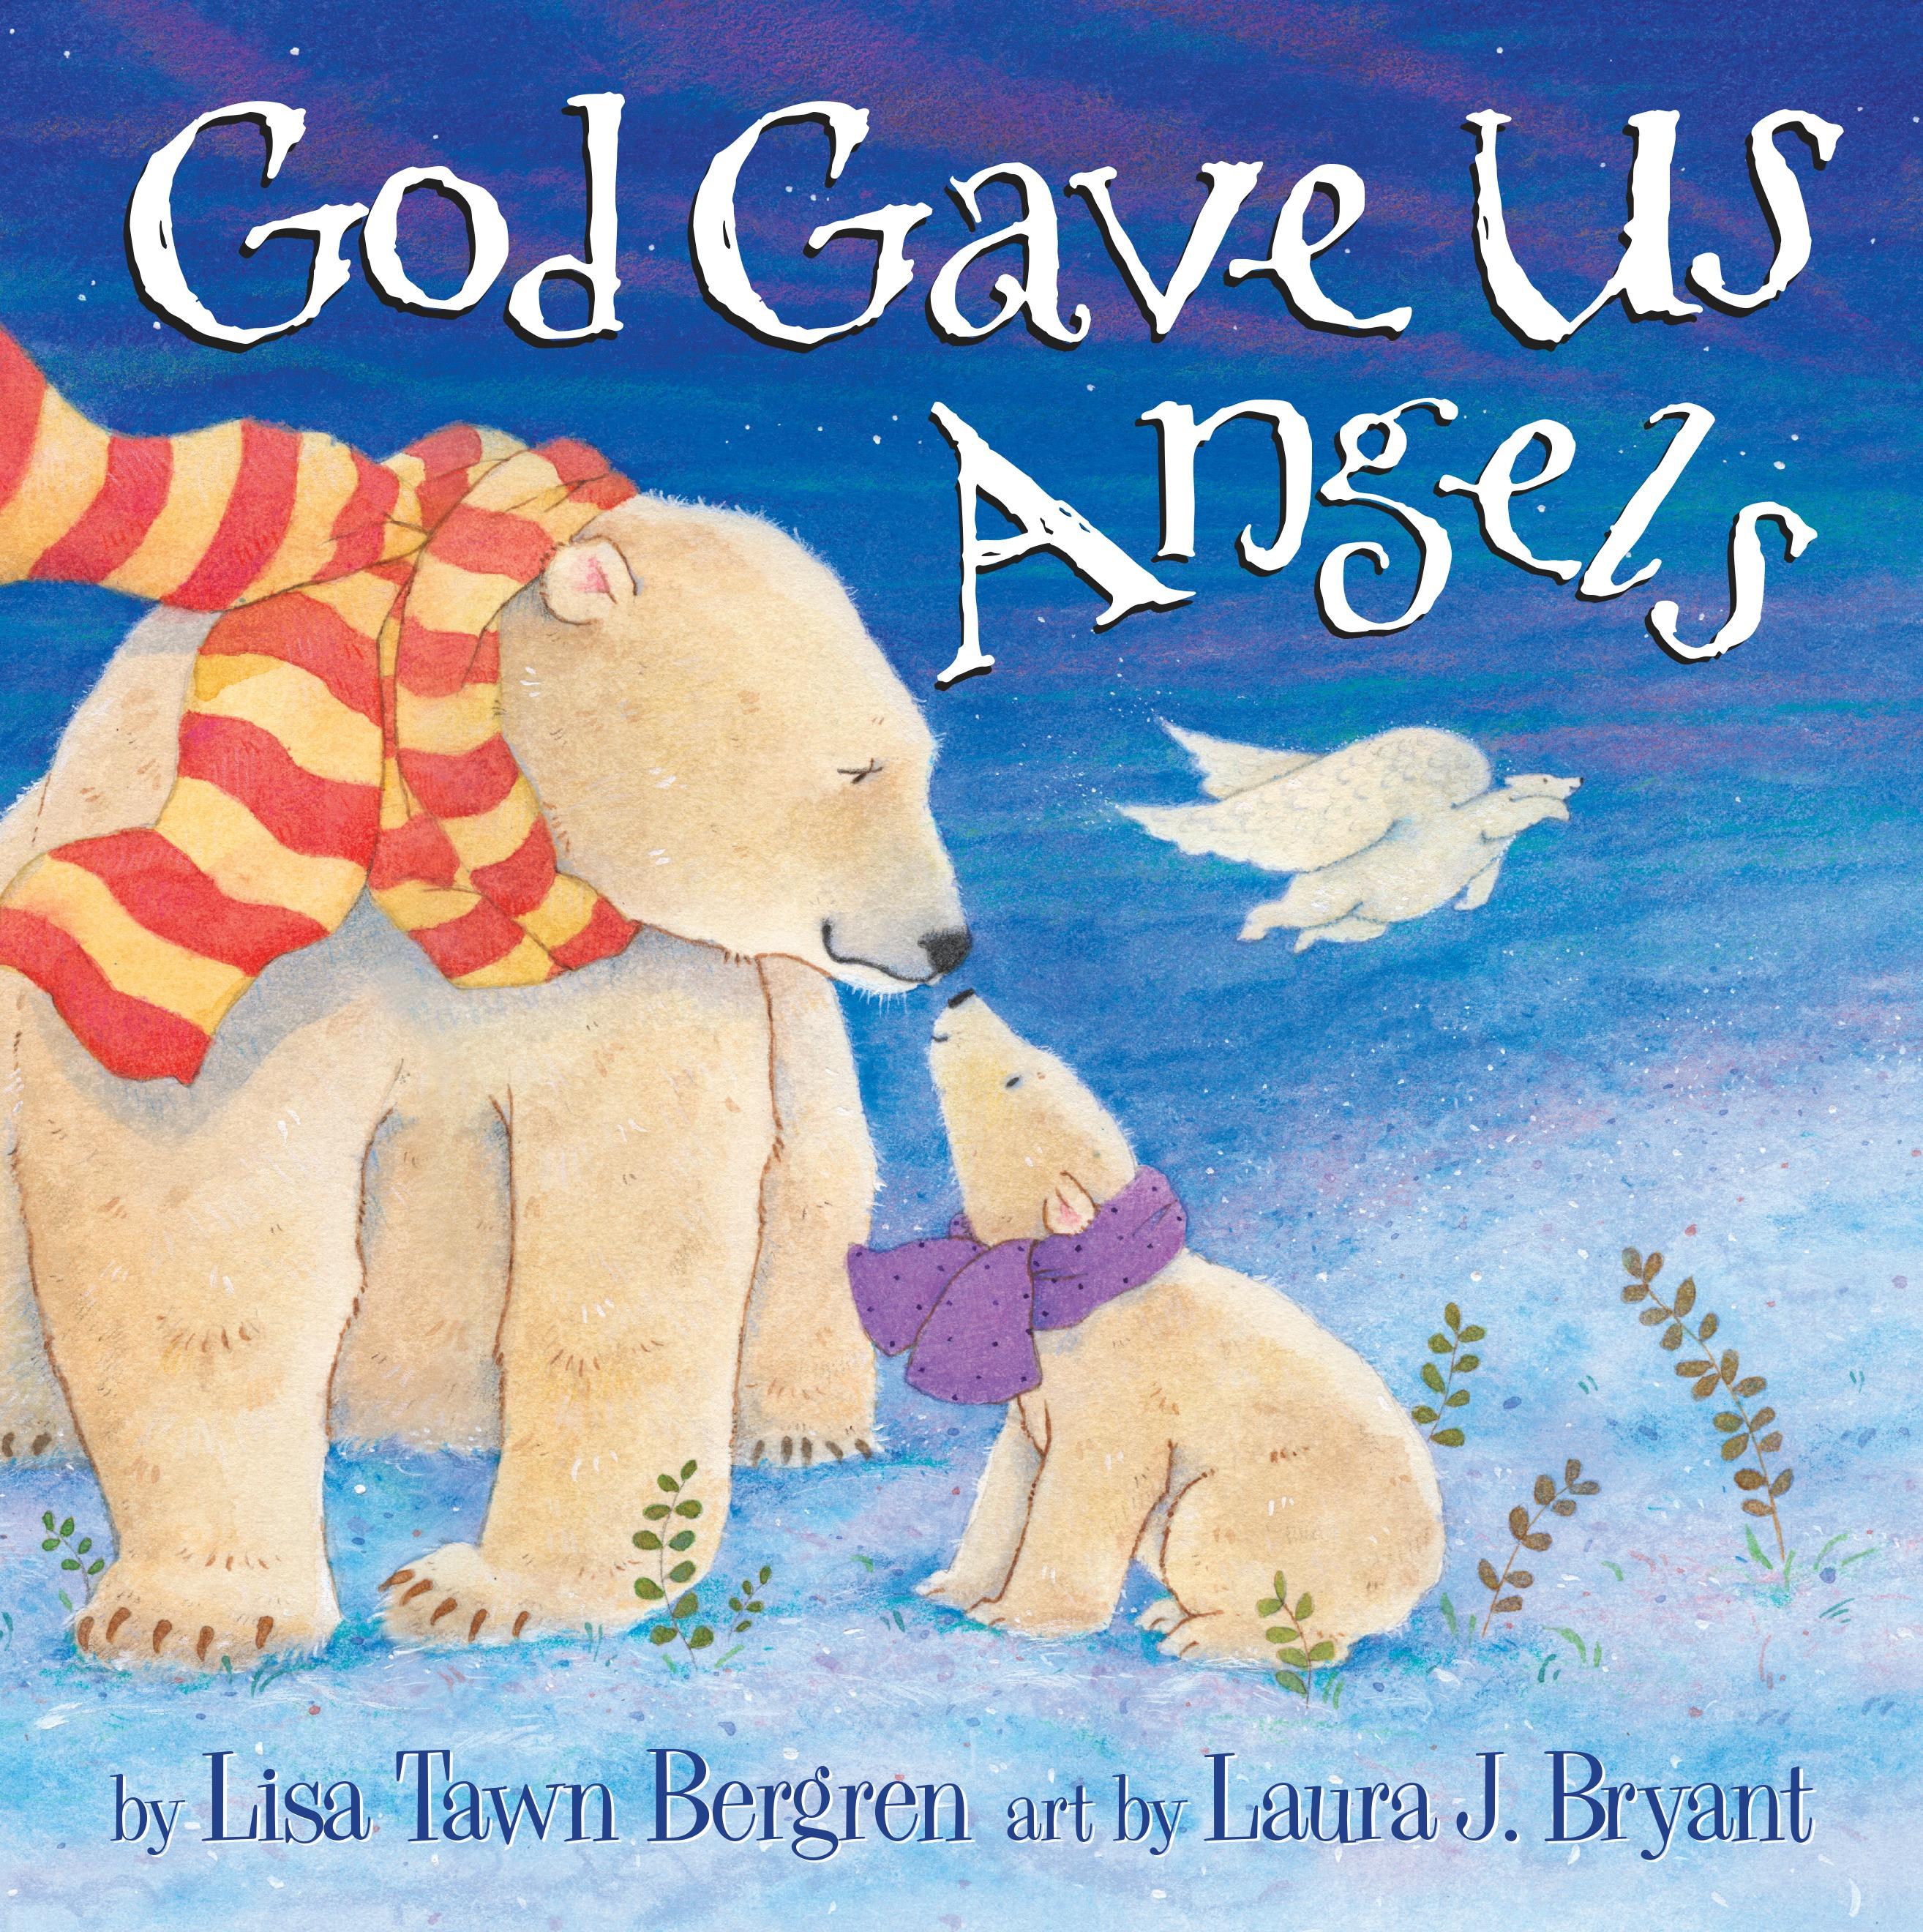 GOD GAVE US ANGELS HCSB